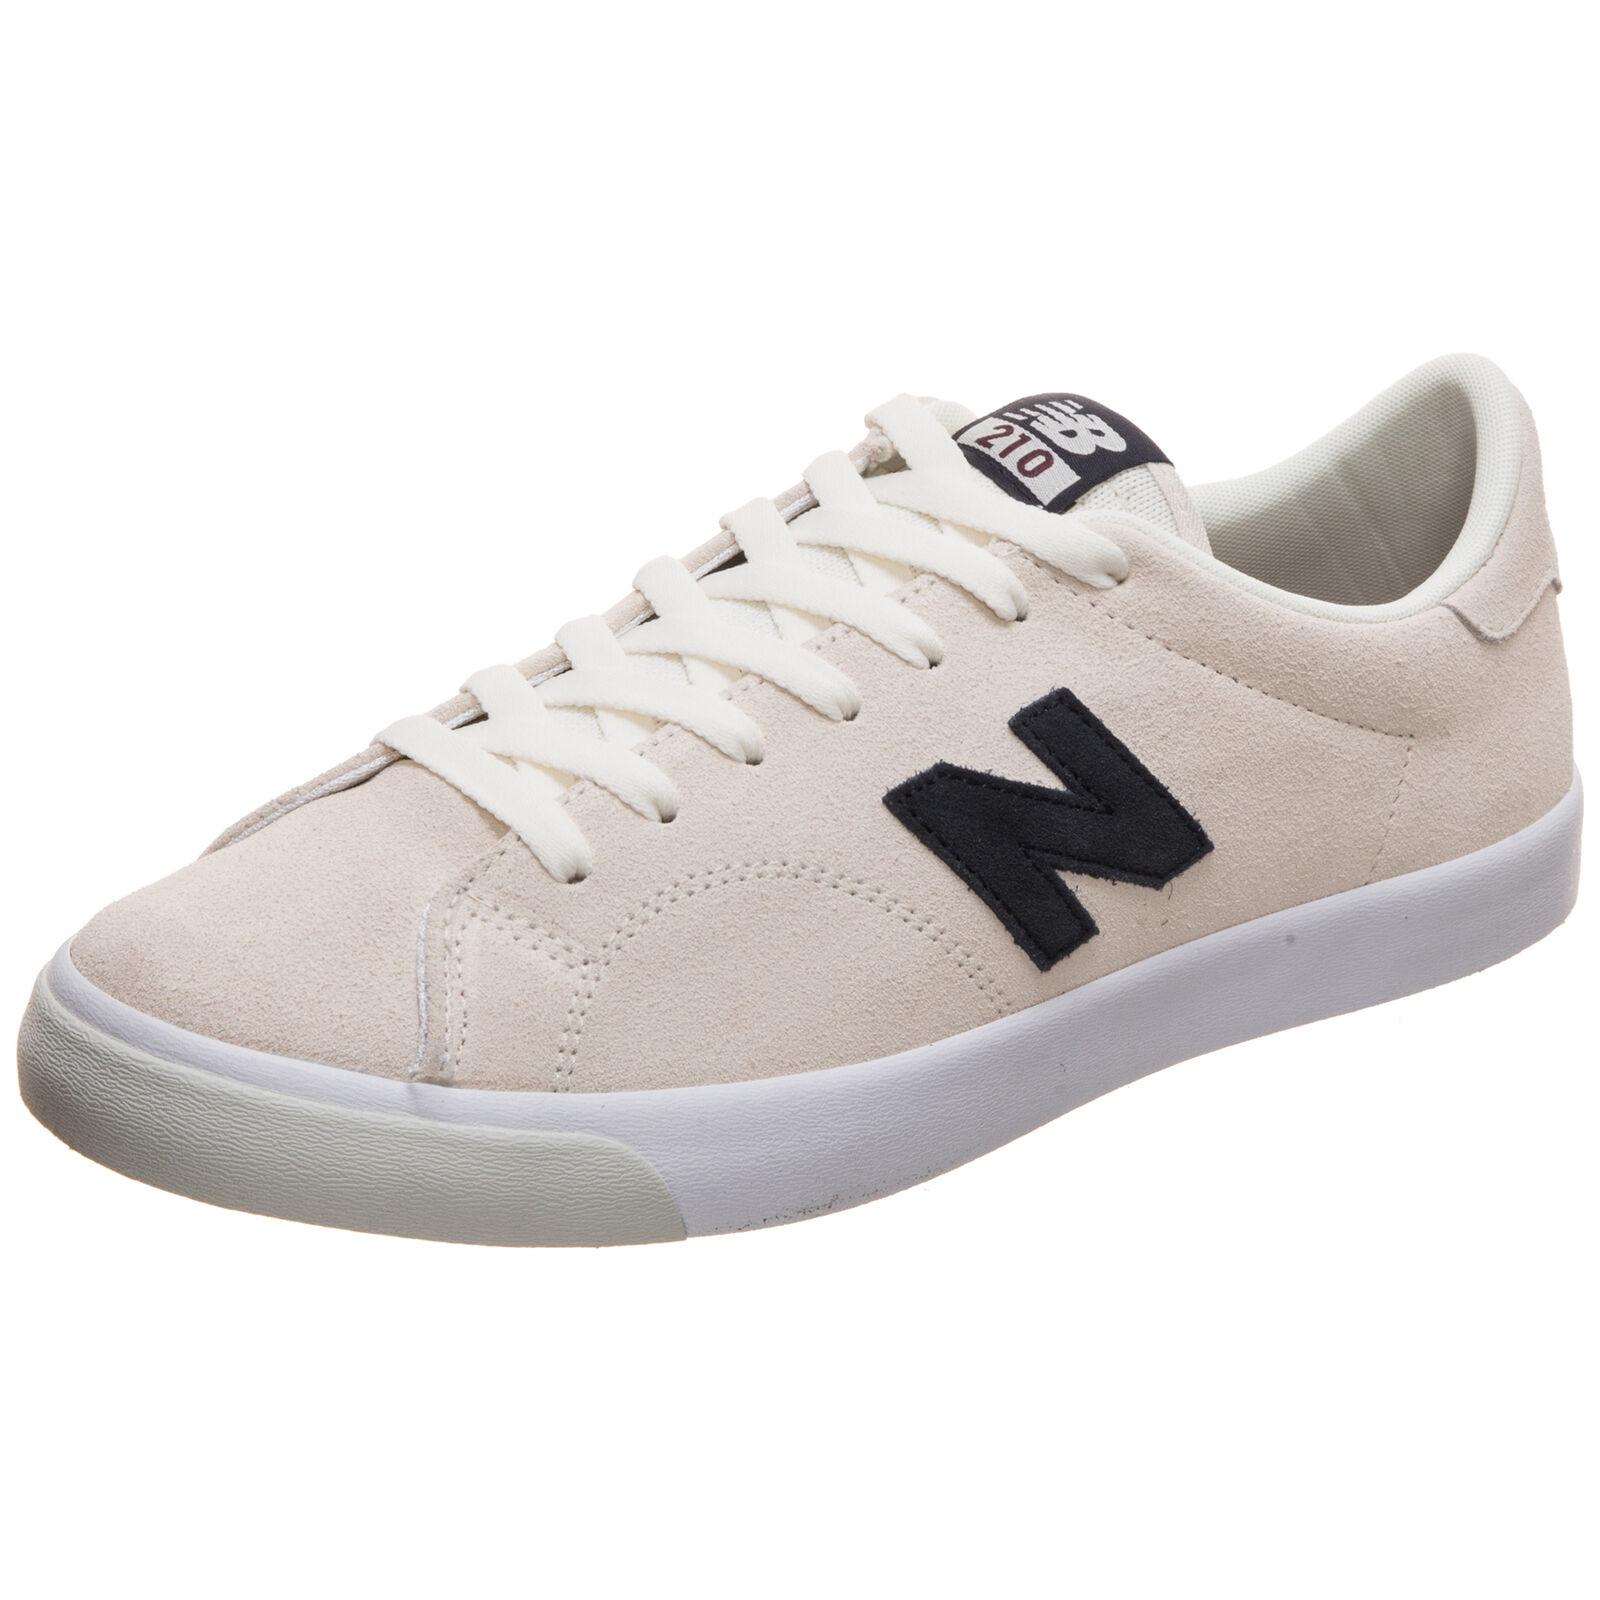 New Balance AM210-D Turnschuhe Herren NEU Schuhe Turnschuhe